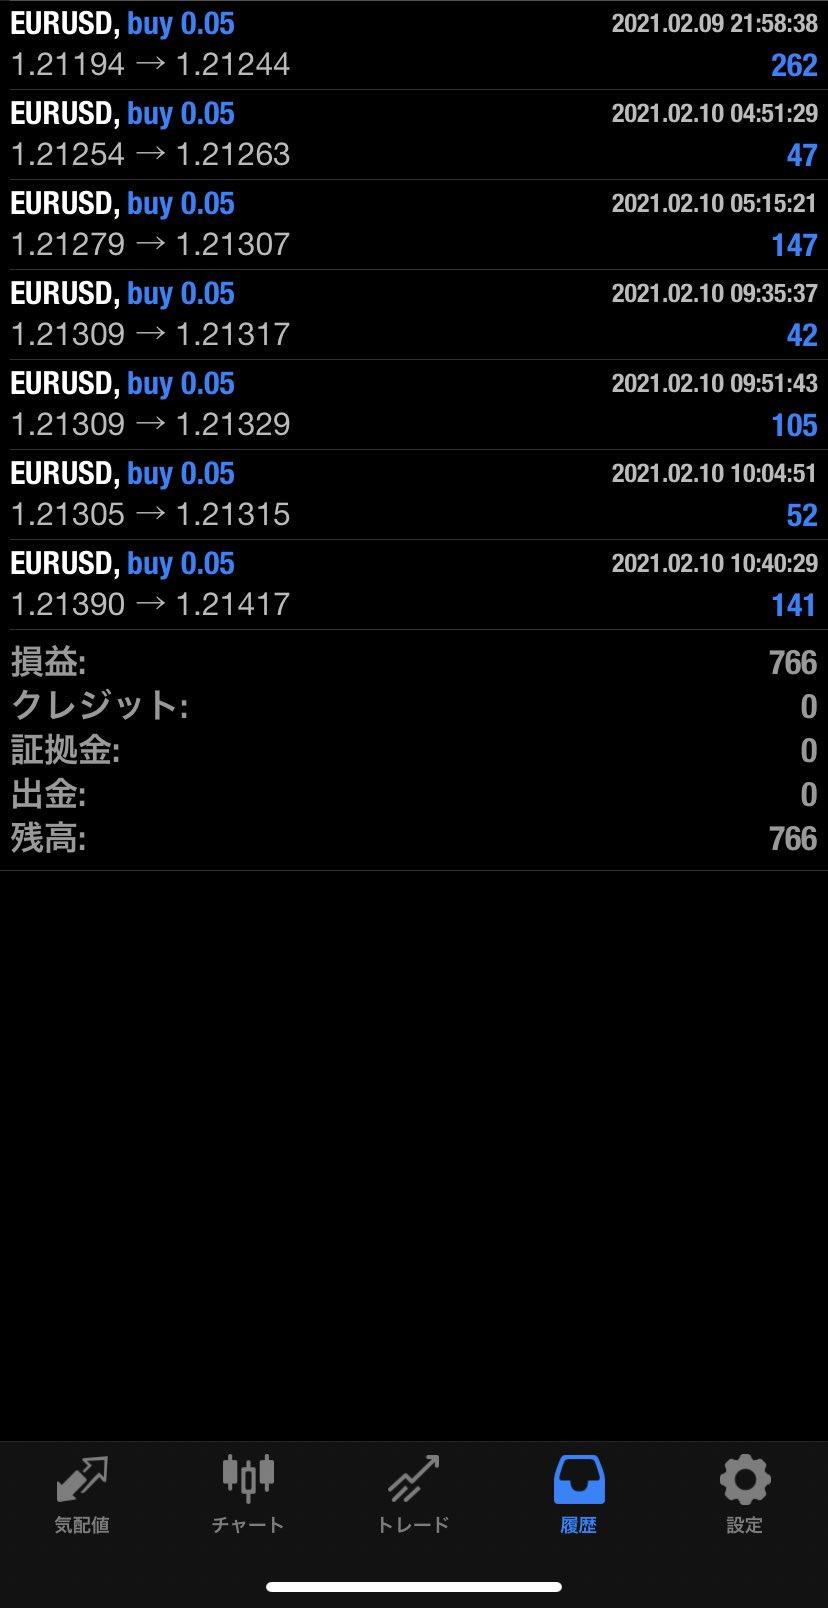 2021年2月10日 EUR/USDバージョン766円